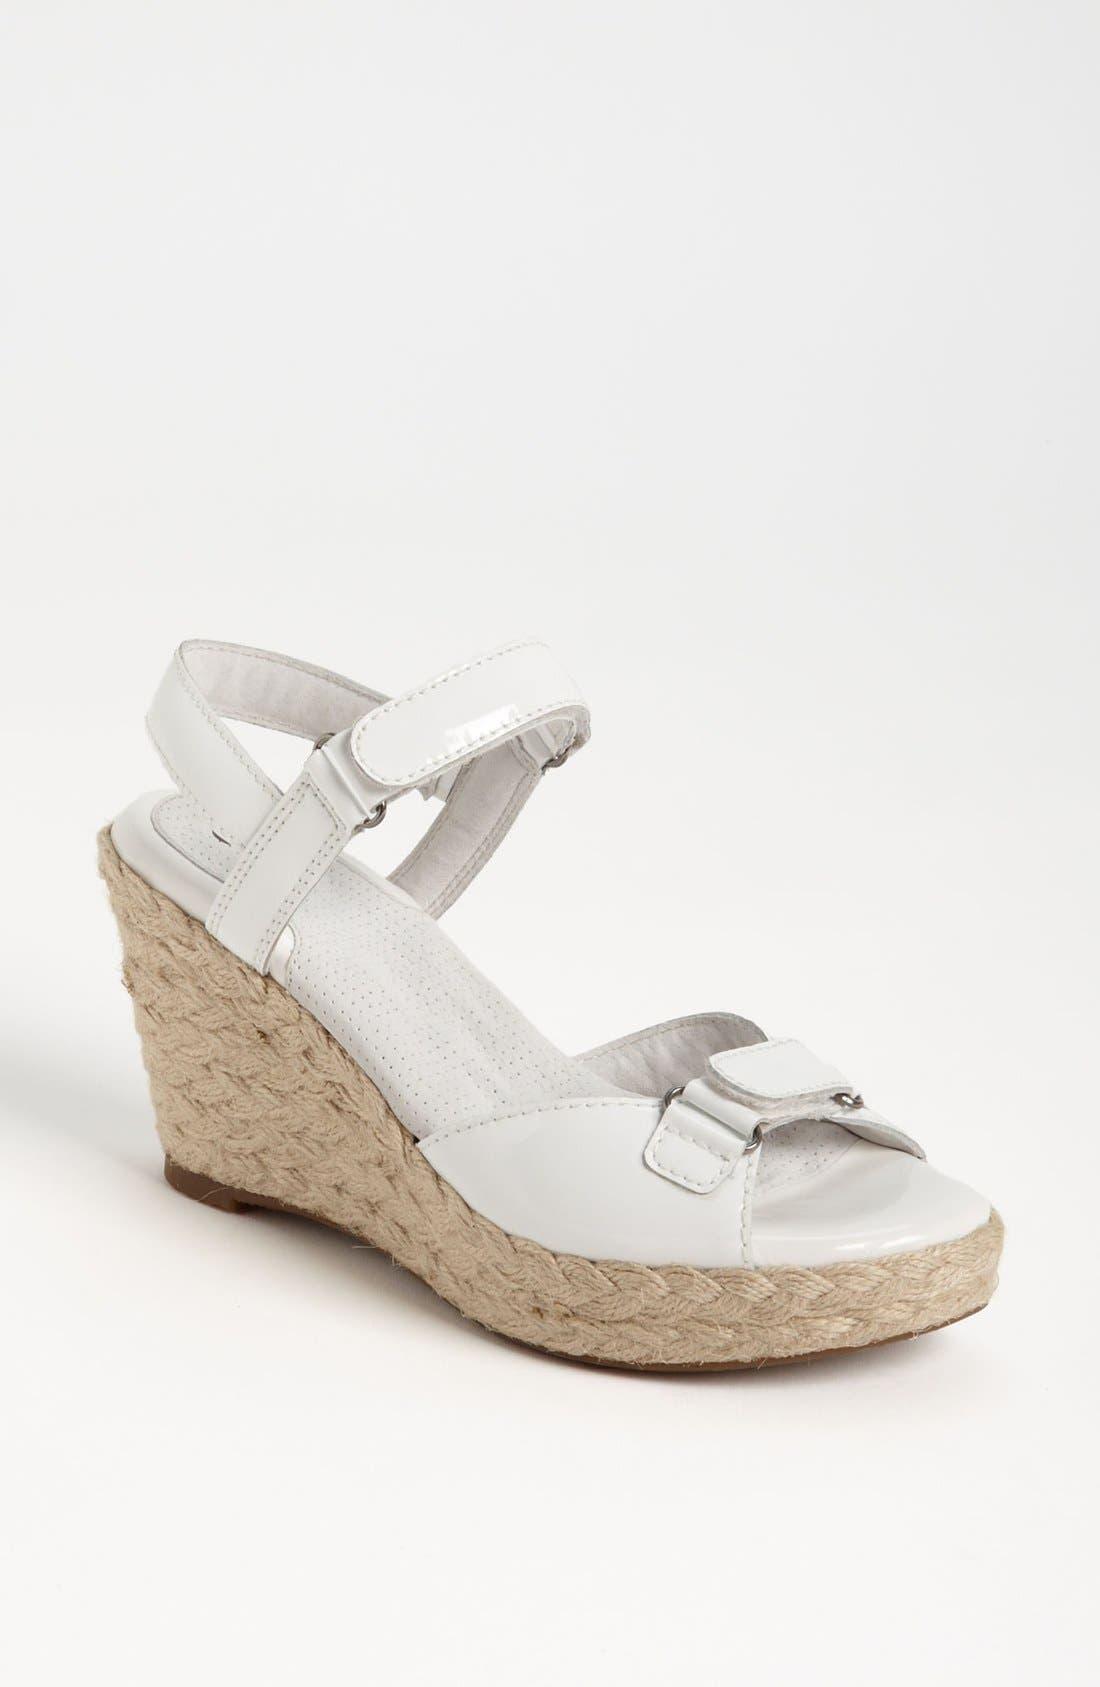 Alternate Image 1 Selected - SoftWalk® 'San Marino' Sandal